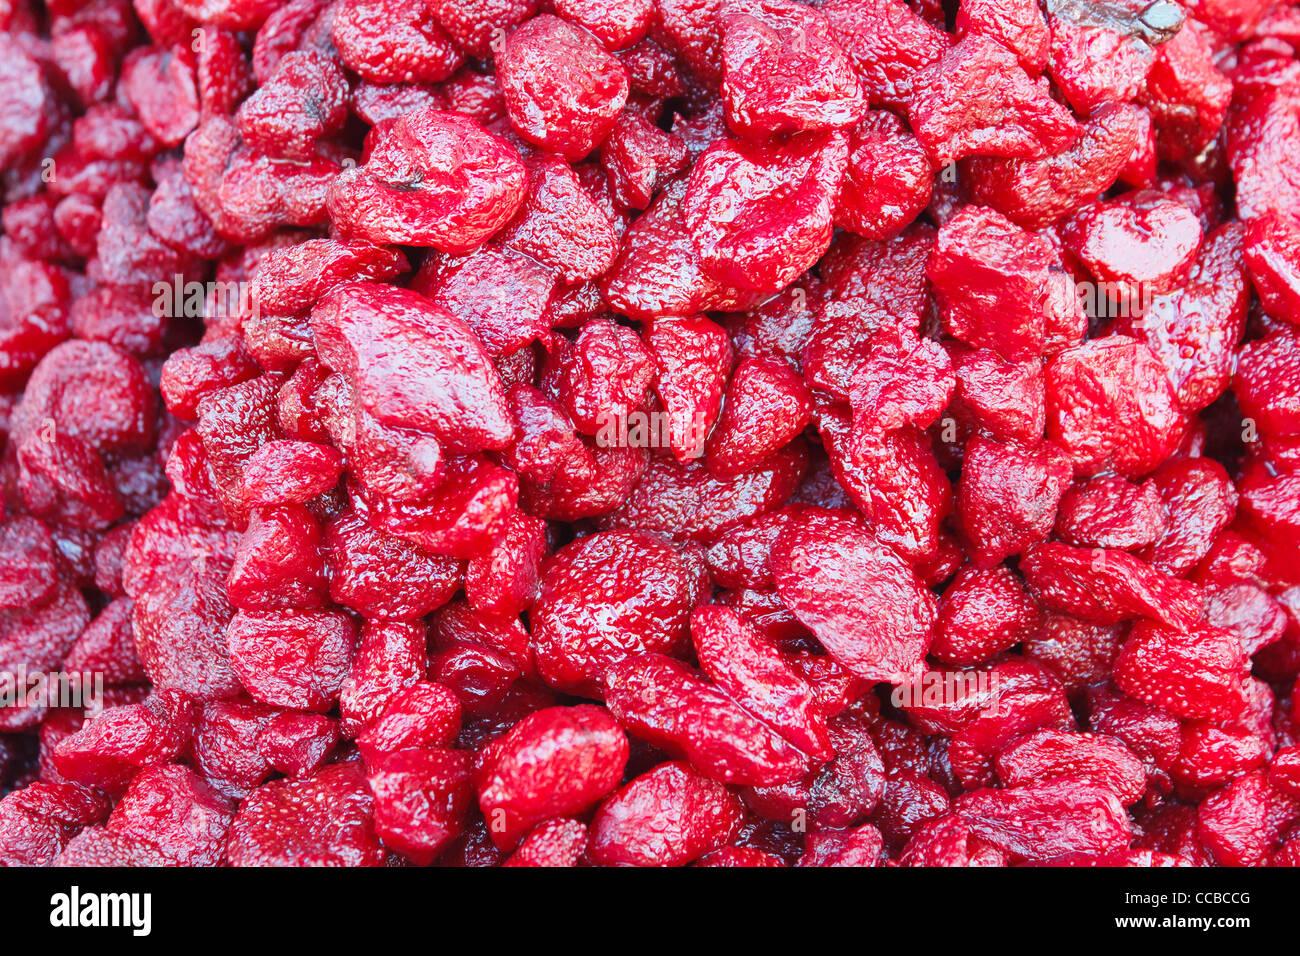 Contexte de marché Thaïlande préserver à la fraise Photo Stock